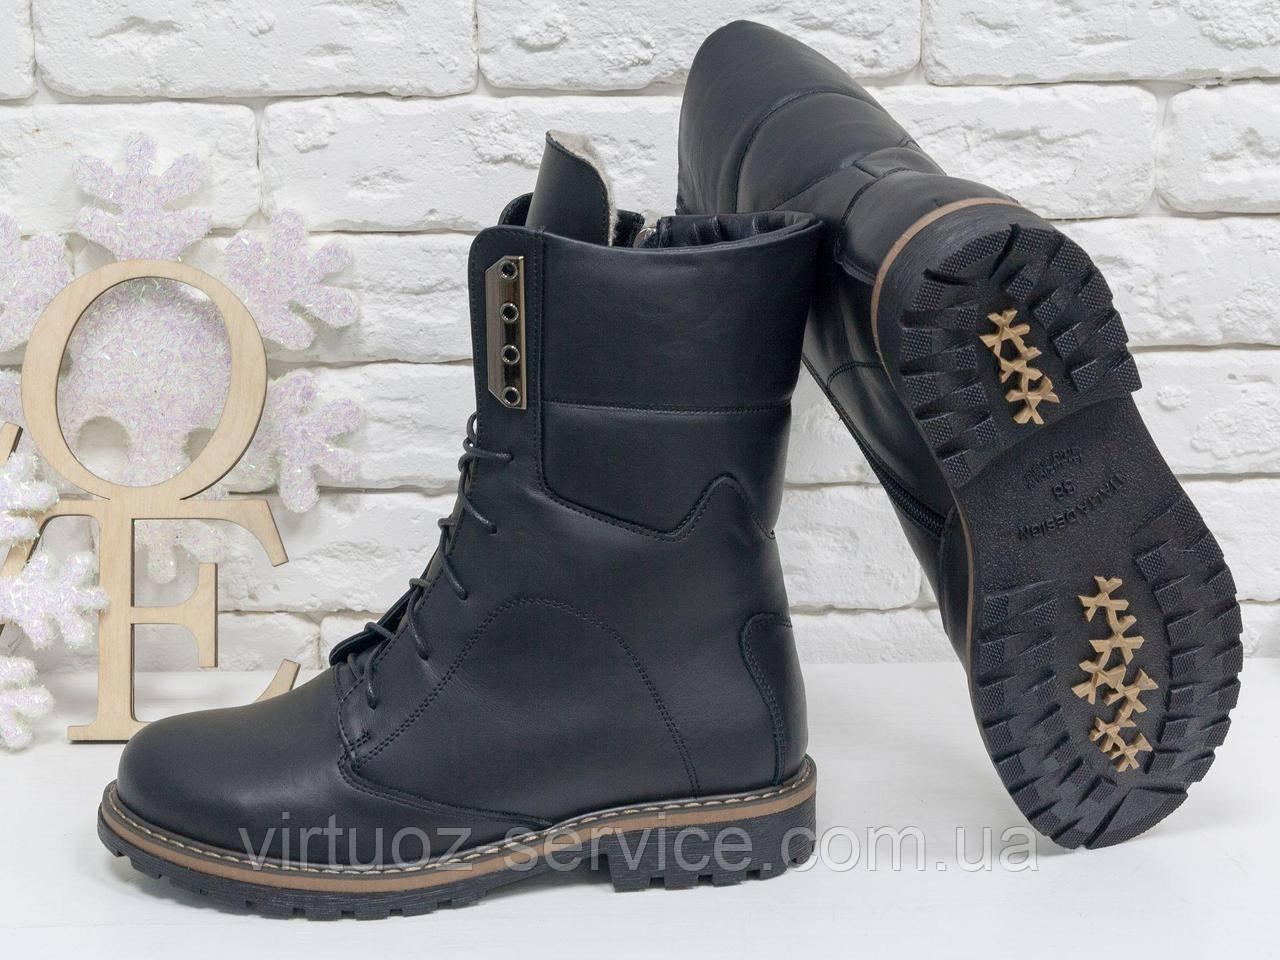 Ботинки женские Gino Figini Б-44-08 из натуральной кожи 37 Черный